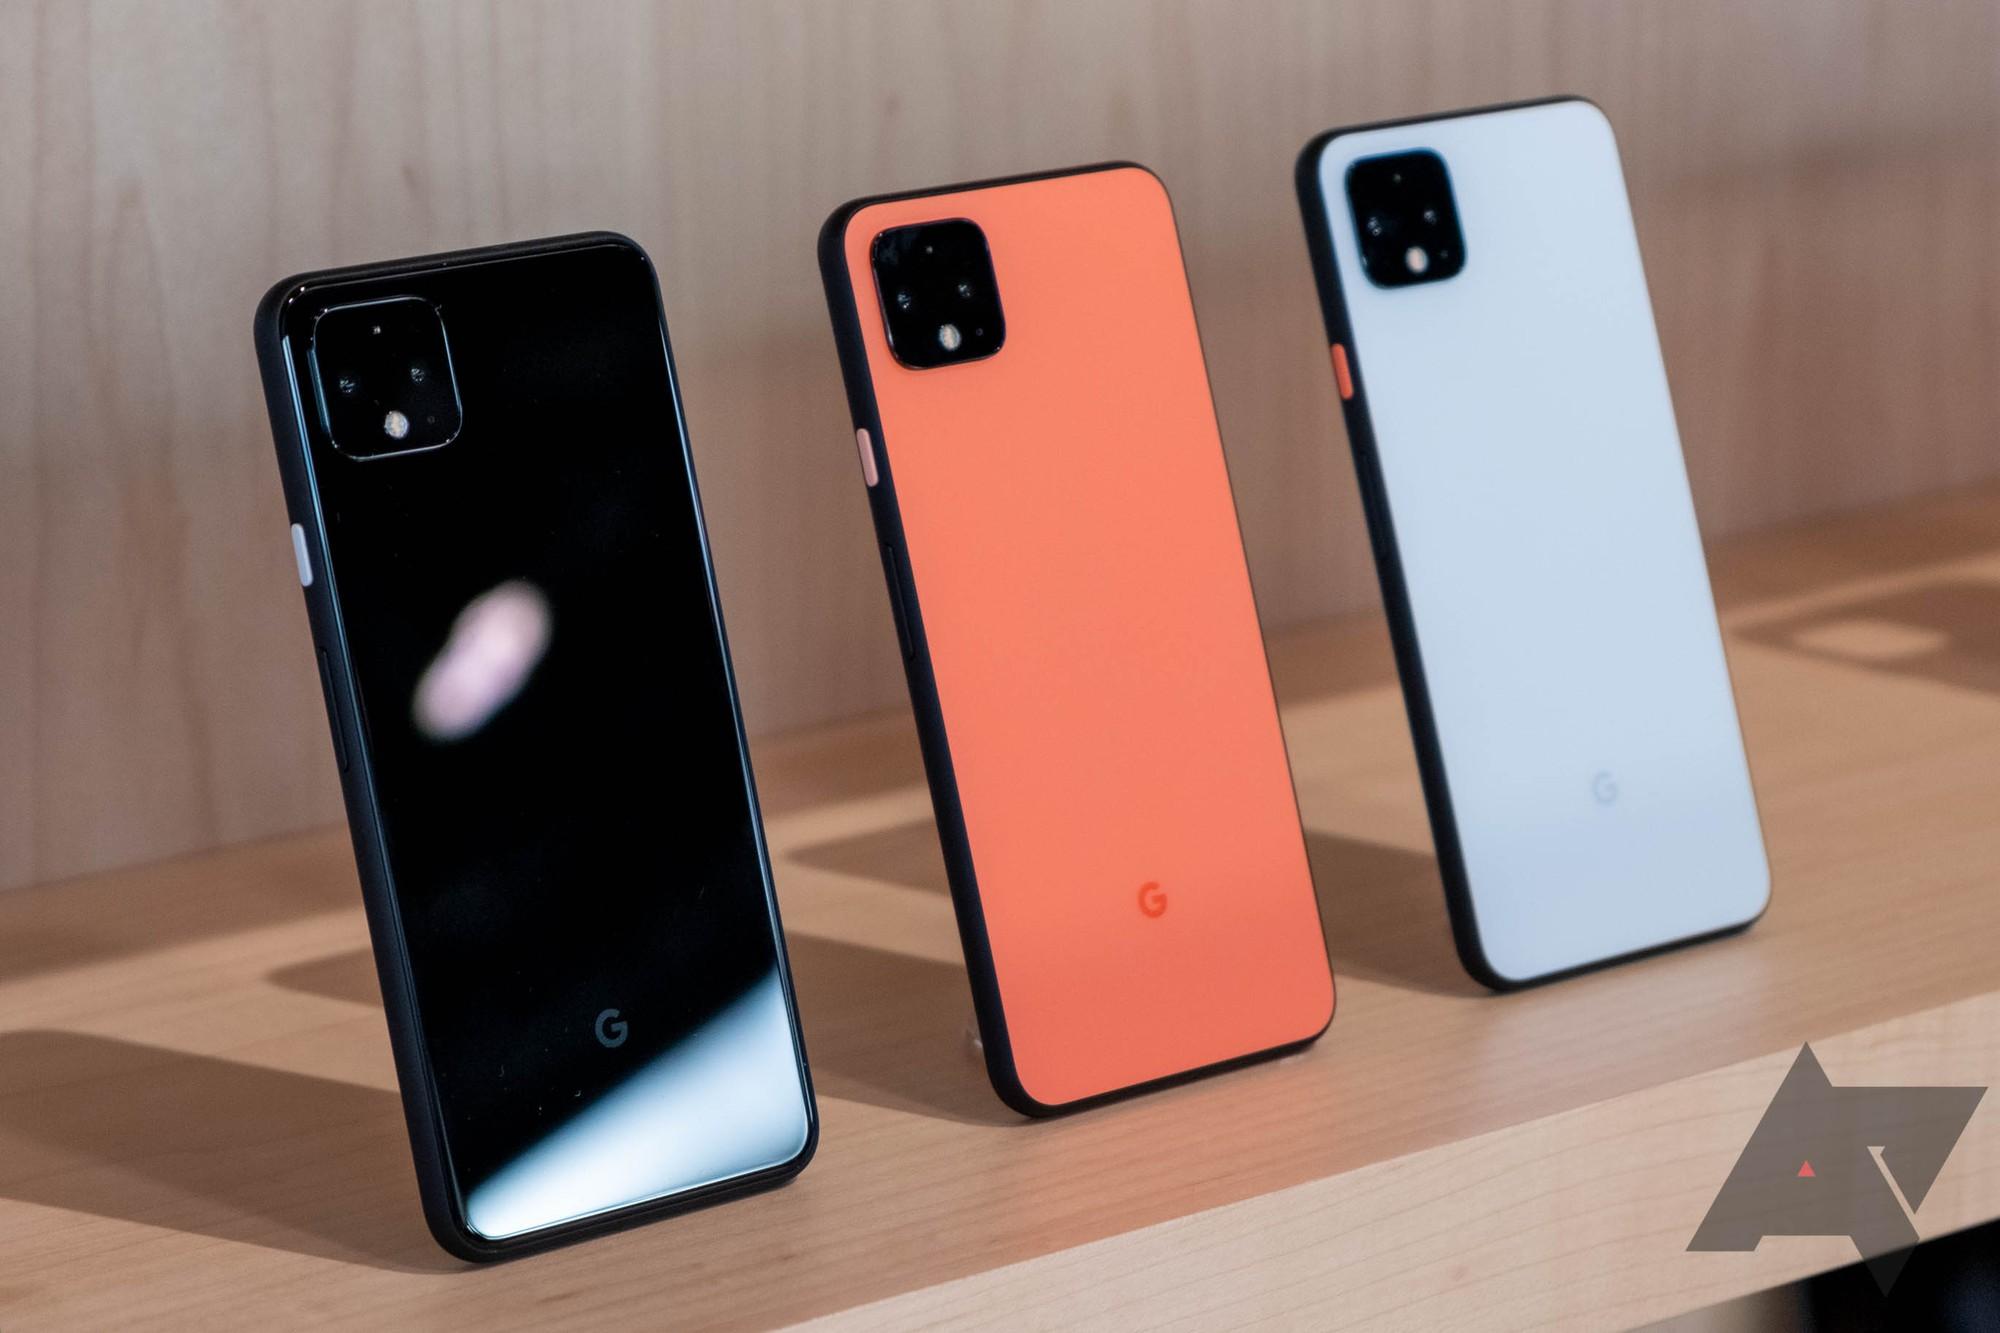 Tin-cong-nghe-moi-nhat-hom-nay-28-10-Samsung-copy-tinh-nang-'Slofies'-cua-iPhone-11-len-Galaxy-Note-10-2